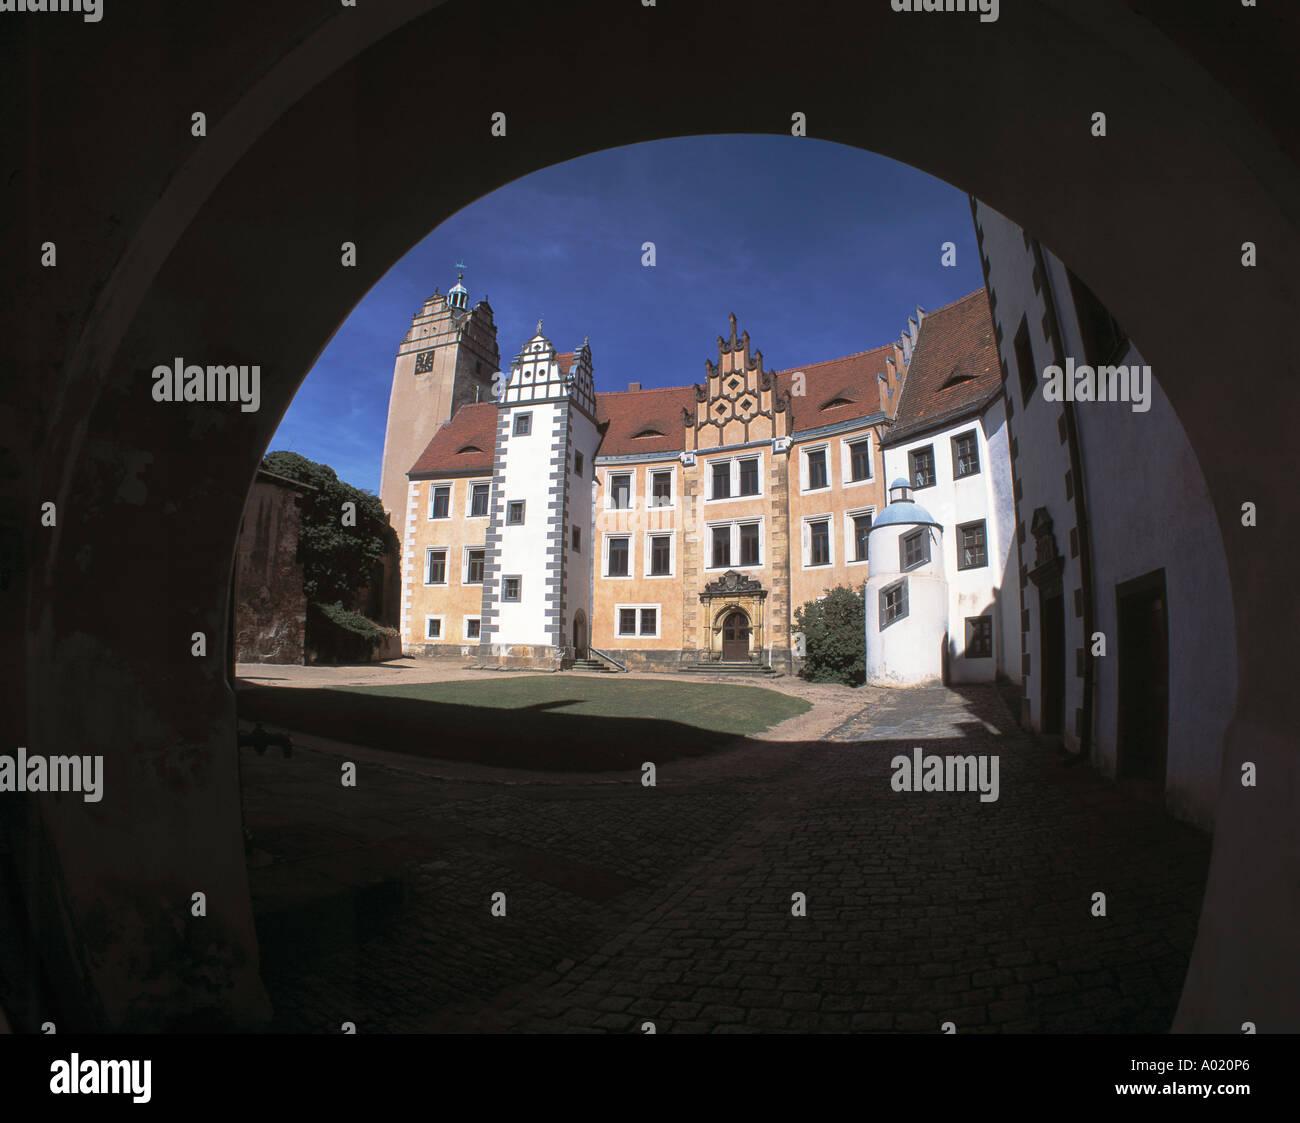 Renaissanceschloss und Schlosshof in Strehla, Elbe, Sachsen Stock Photo